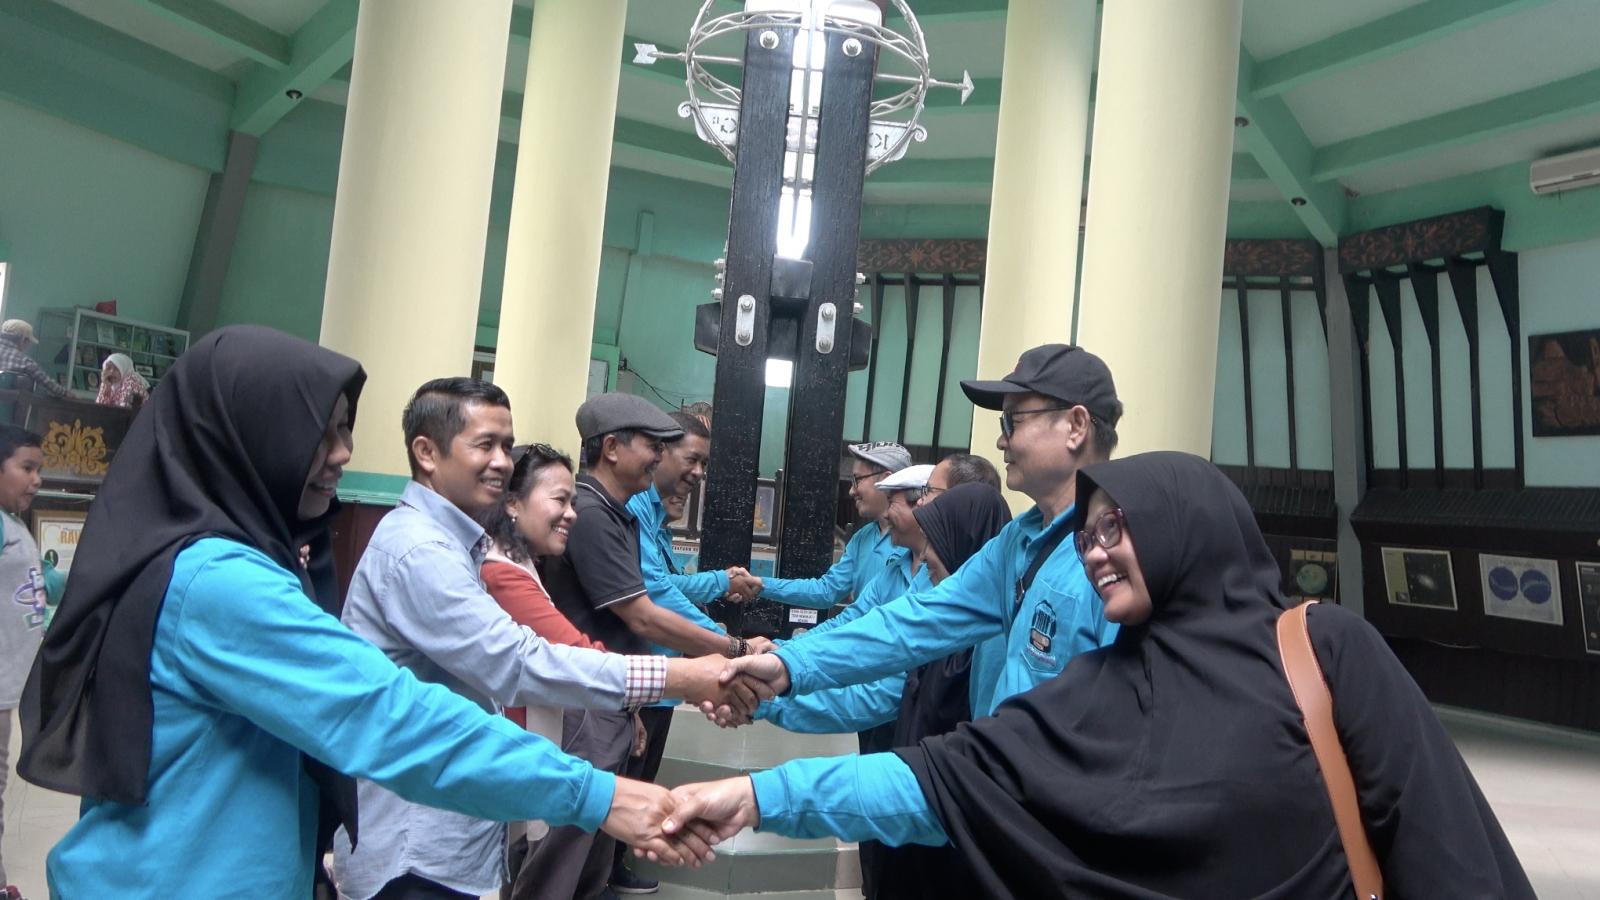 Khám phá hiện tượng kì thú tại đường xích đạo chạy qua Indonesia